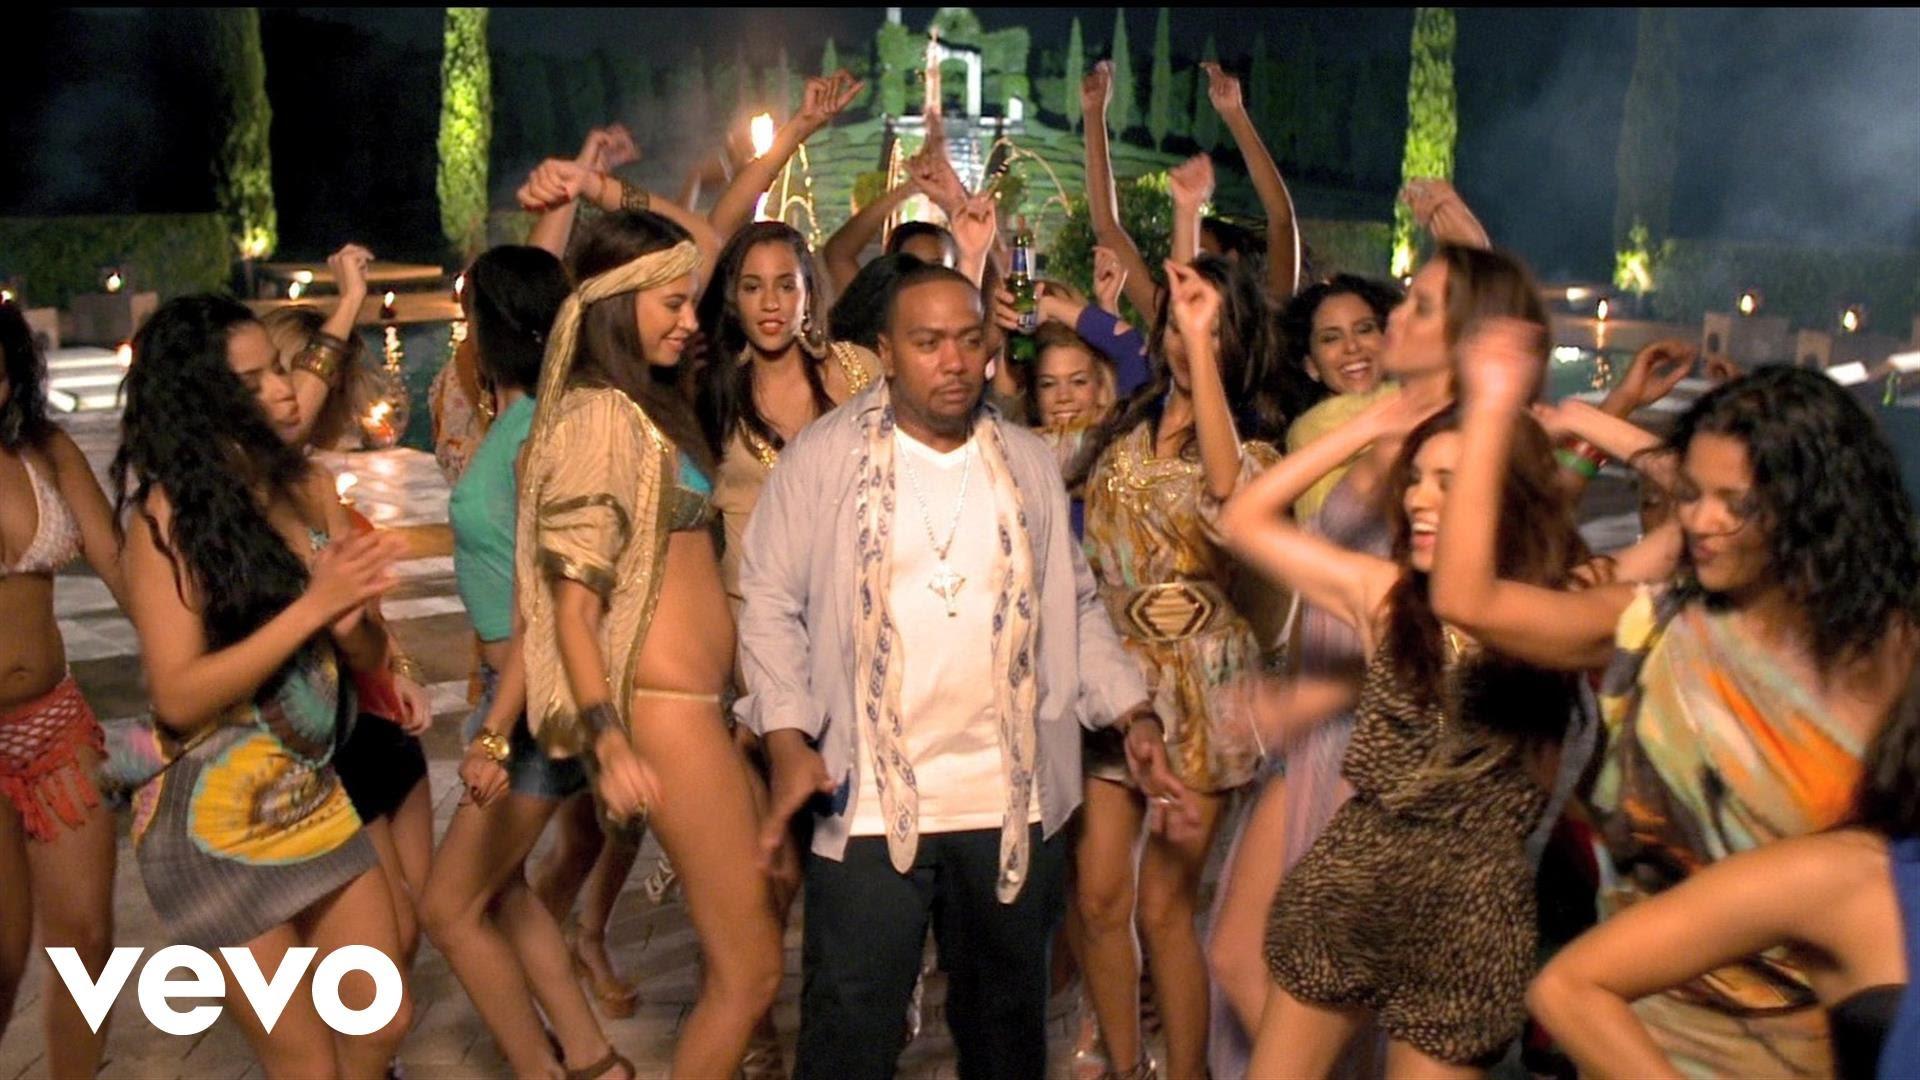 Timbaland – Pass At Me ft. Pitbull (Explicit Version)